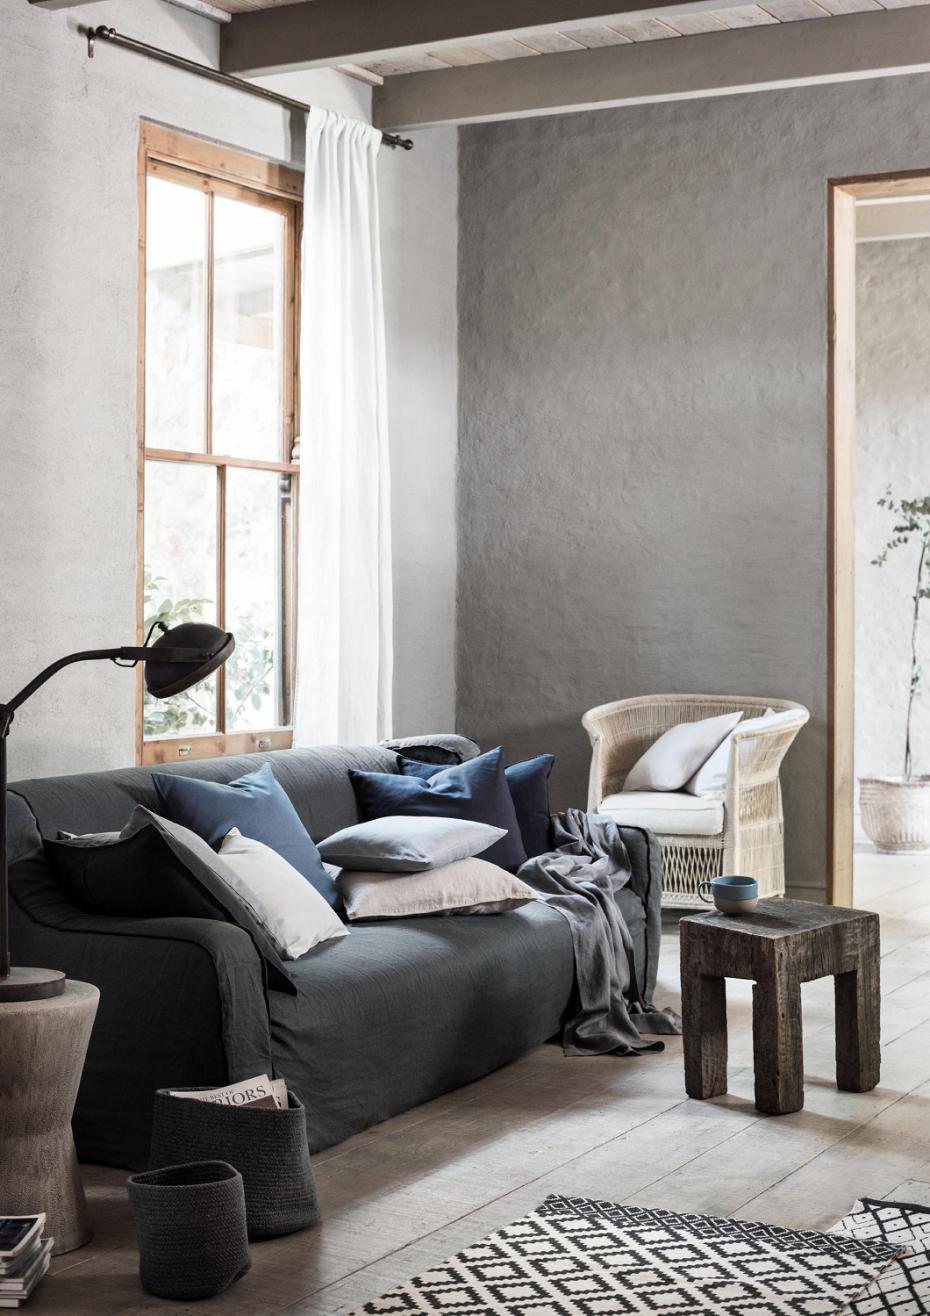 Тренды в дизайне интерьера 2019 дома